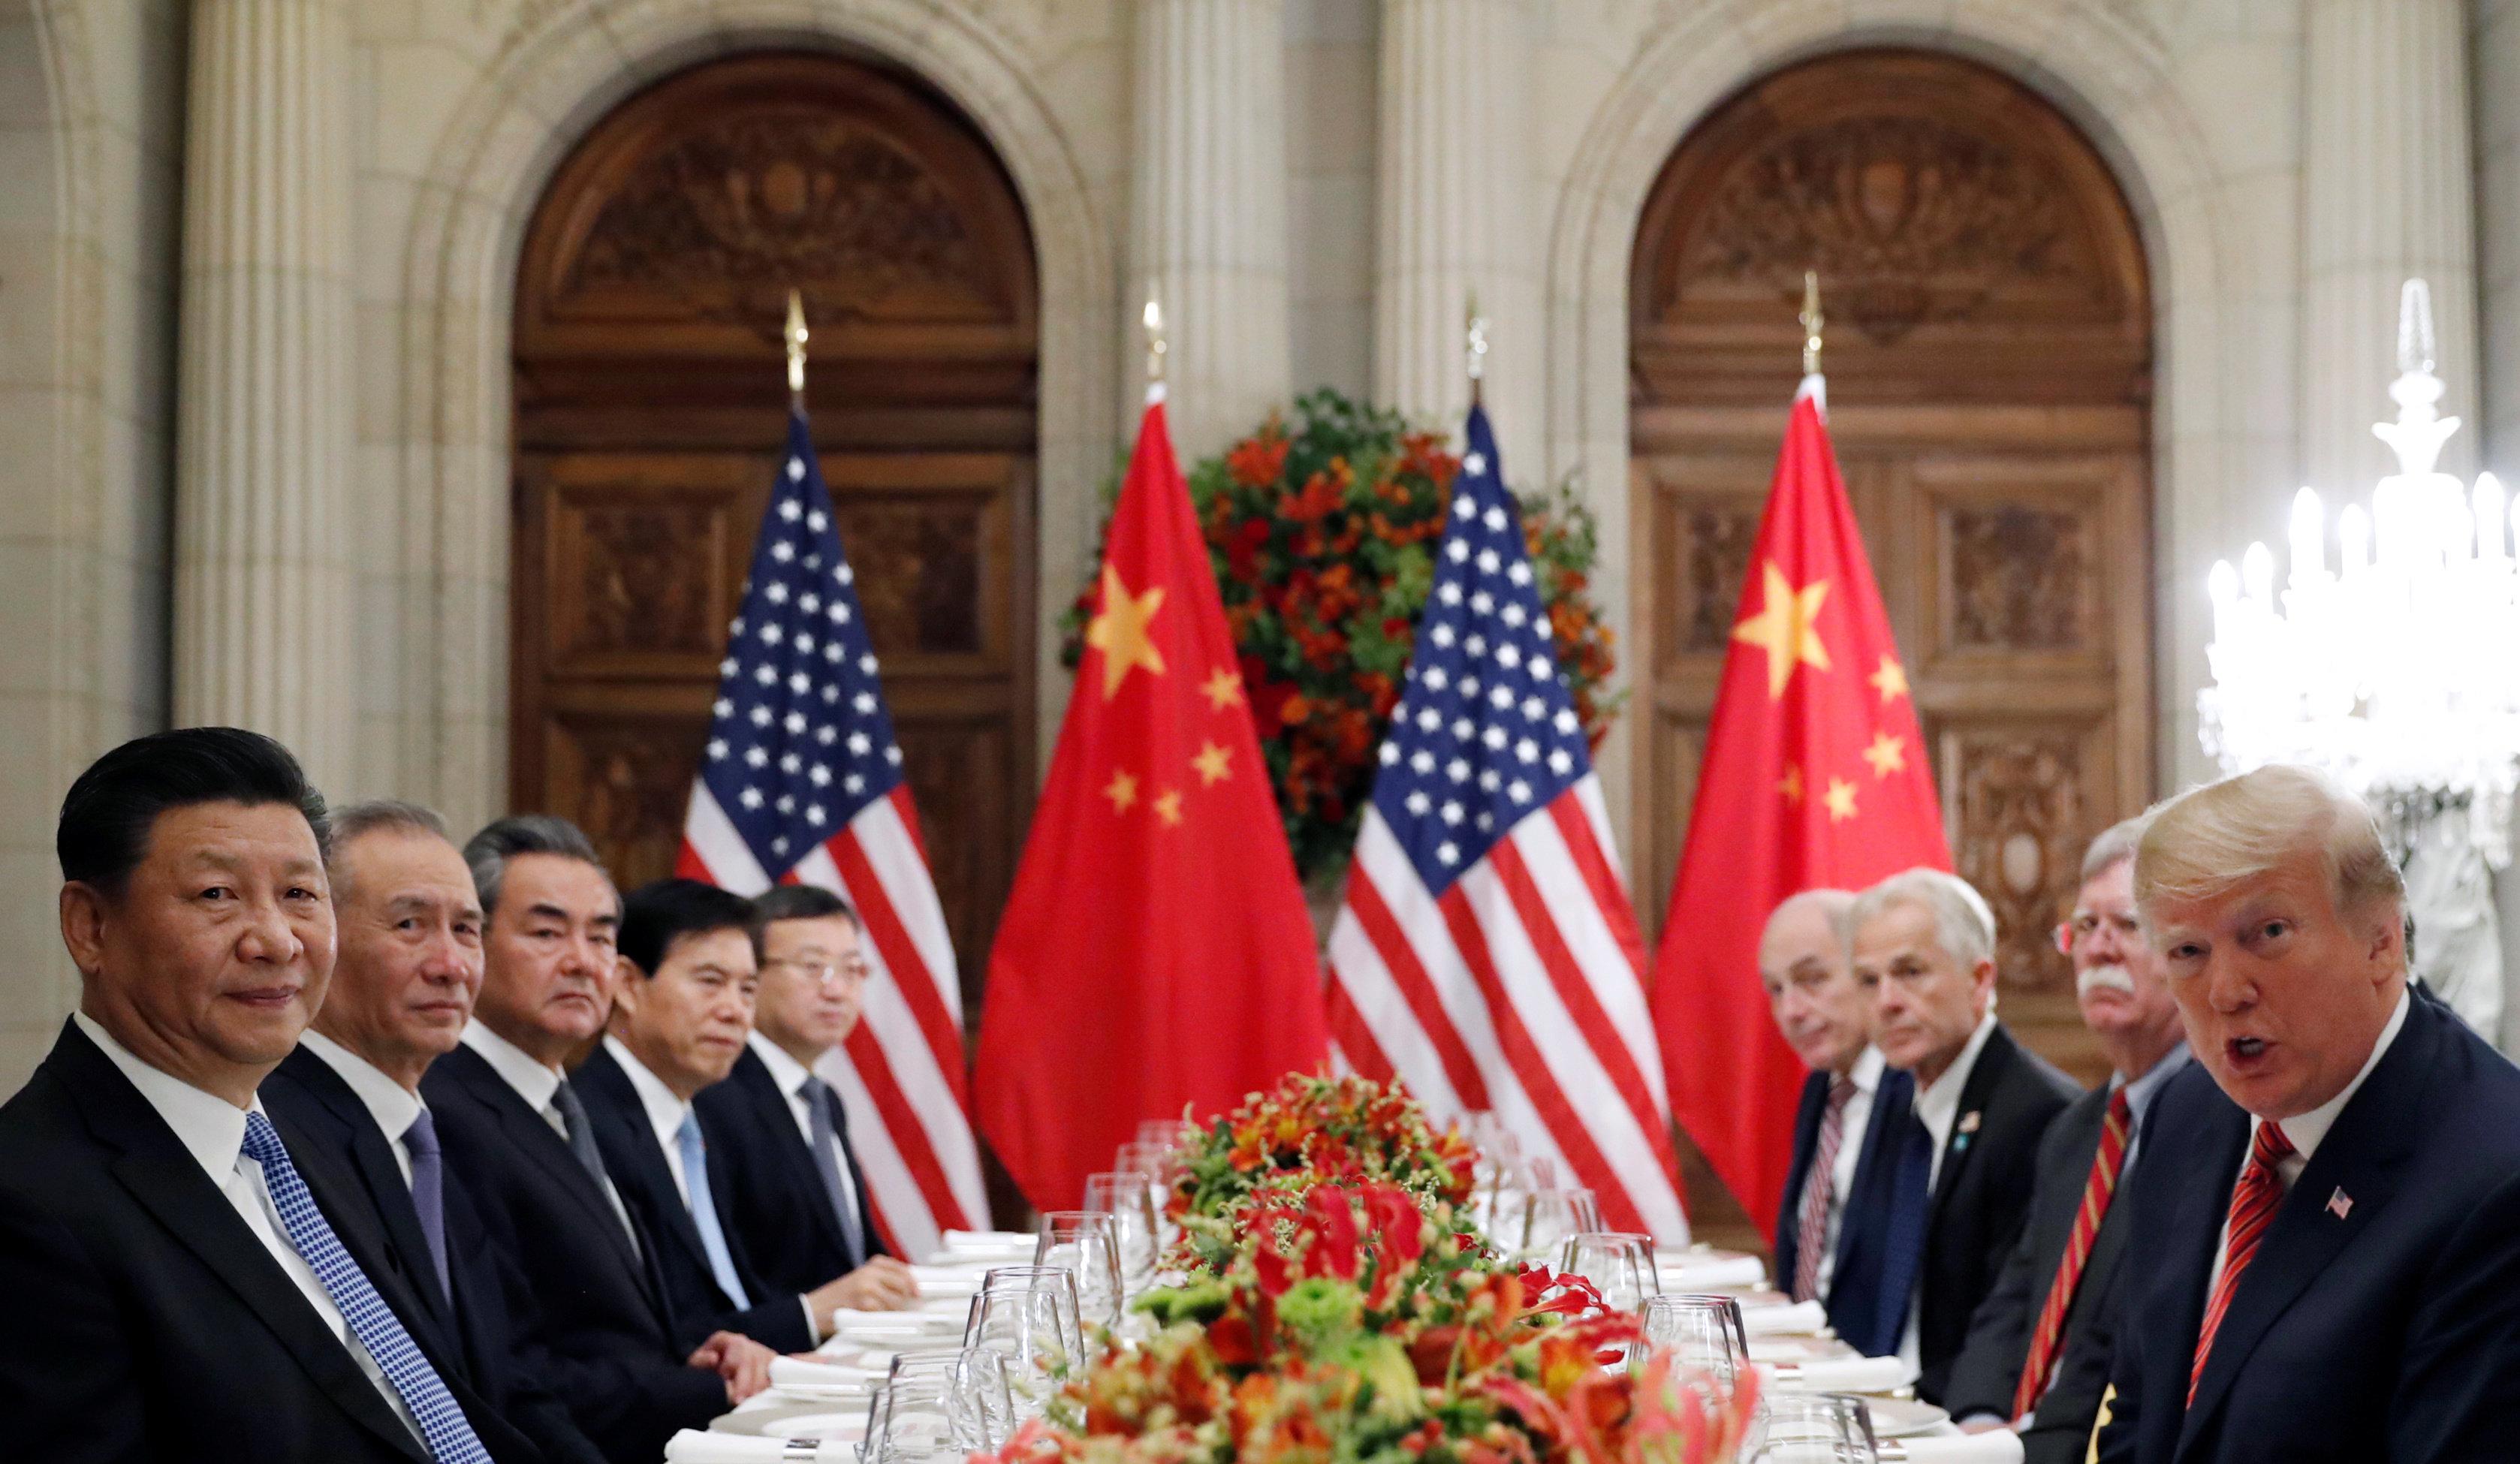 트럼프와 시진핑도 다낭에서 만날지